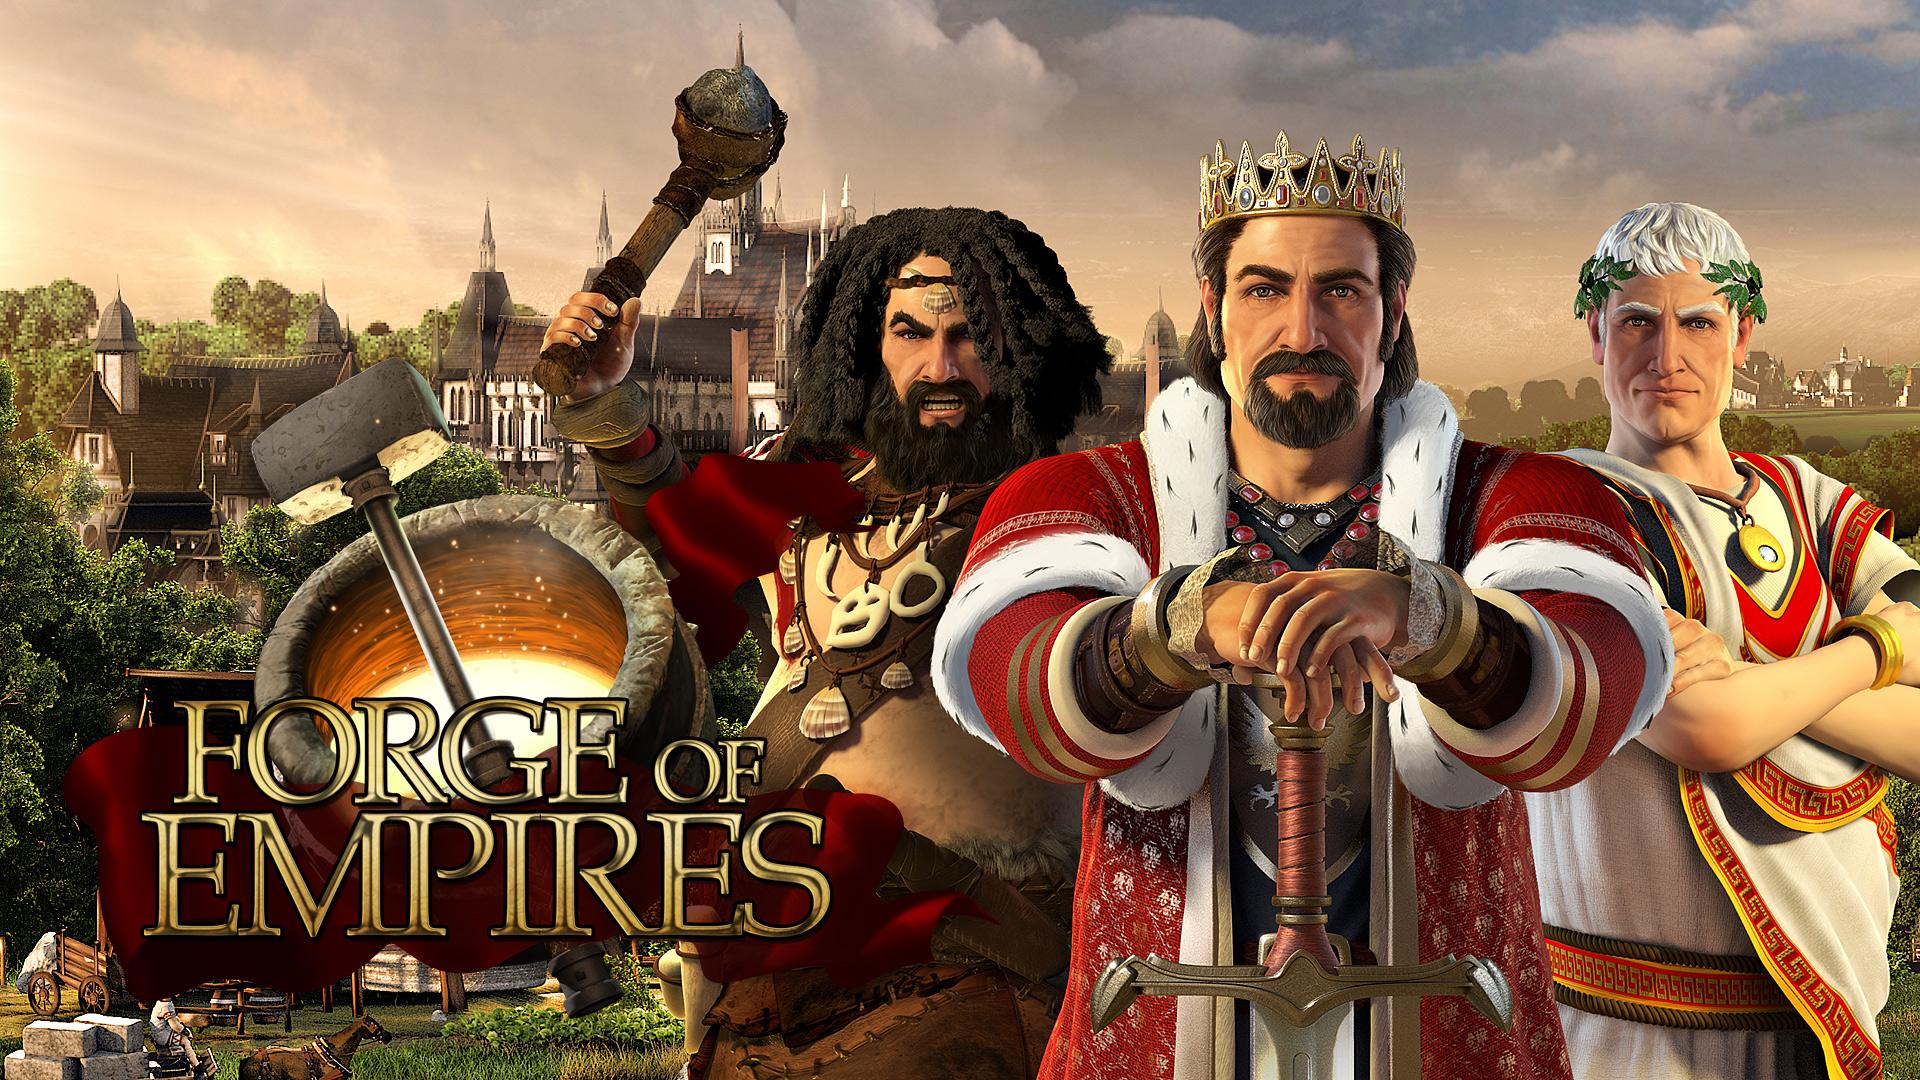 Forge of Empires - Bestes Strategie Aufbauspiel 2015 / 2016